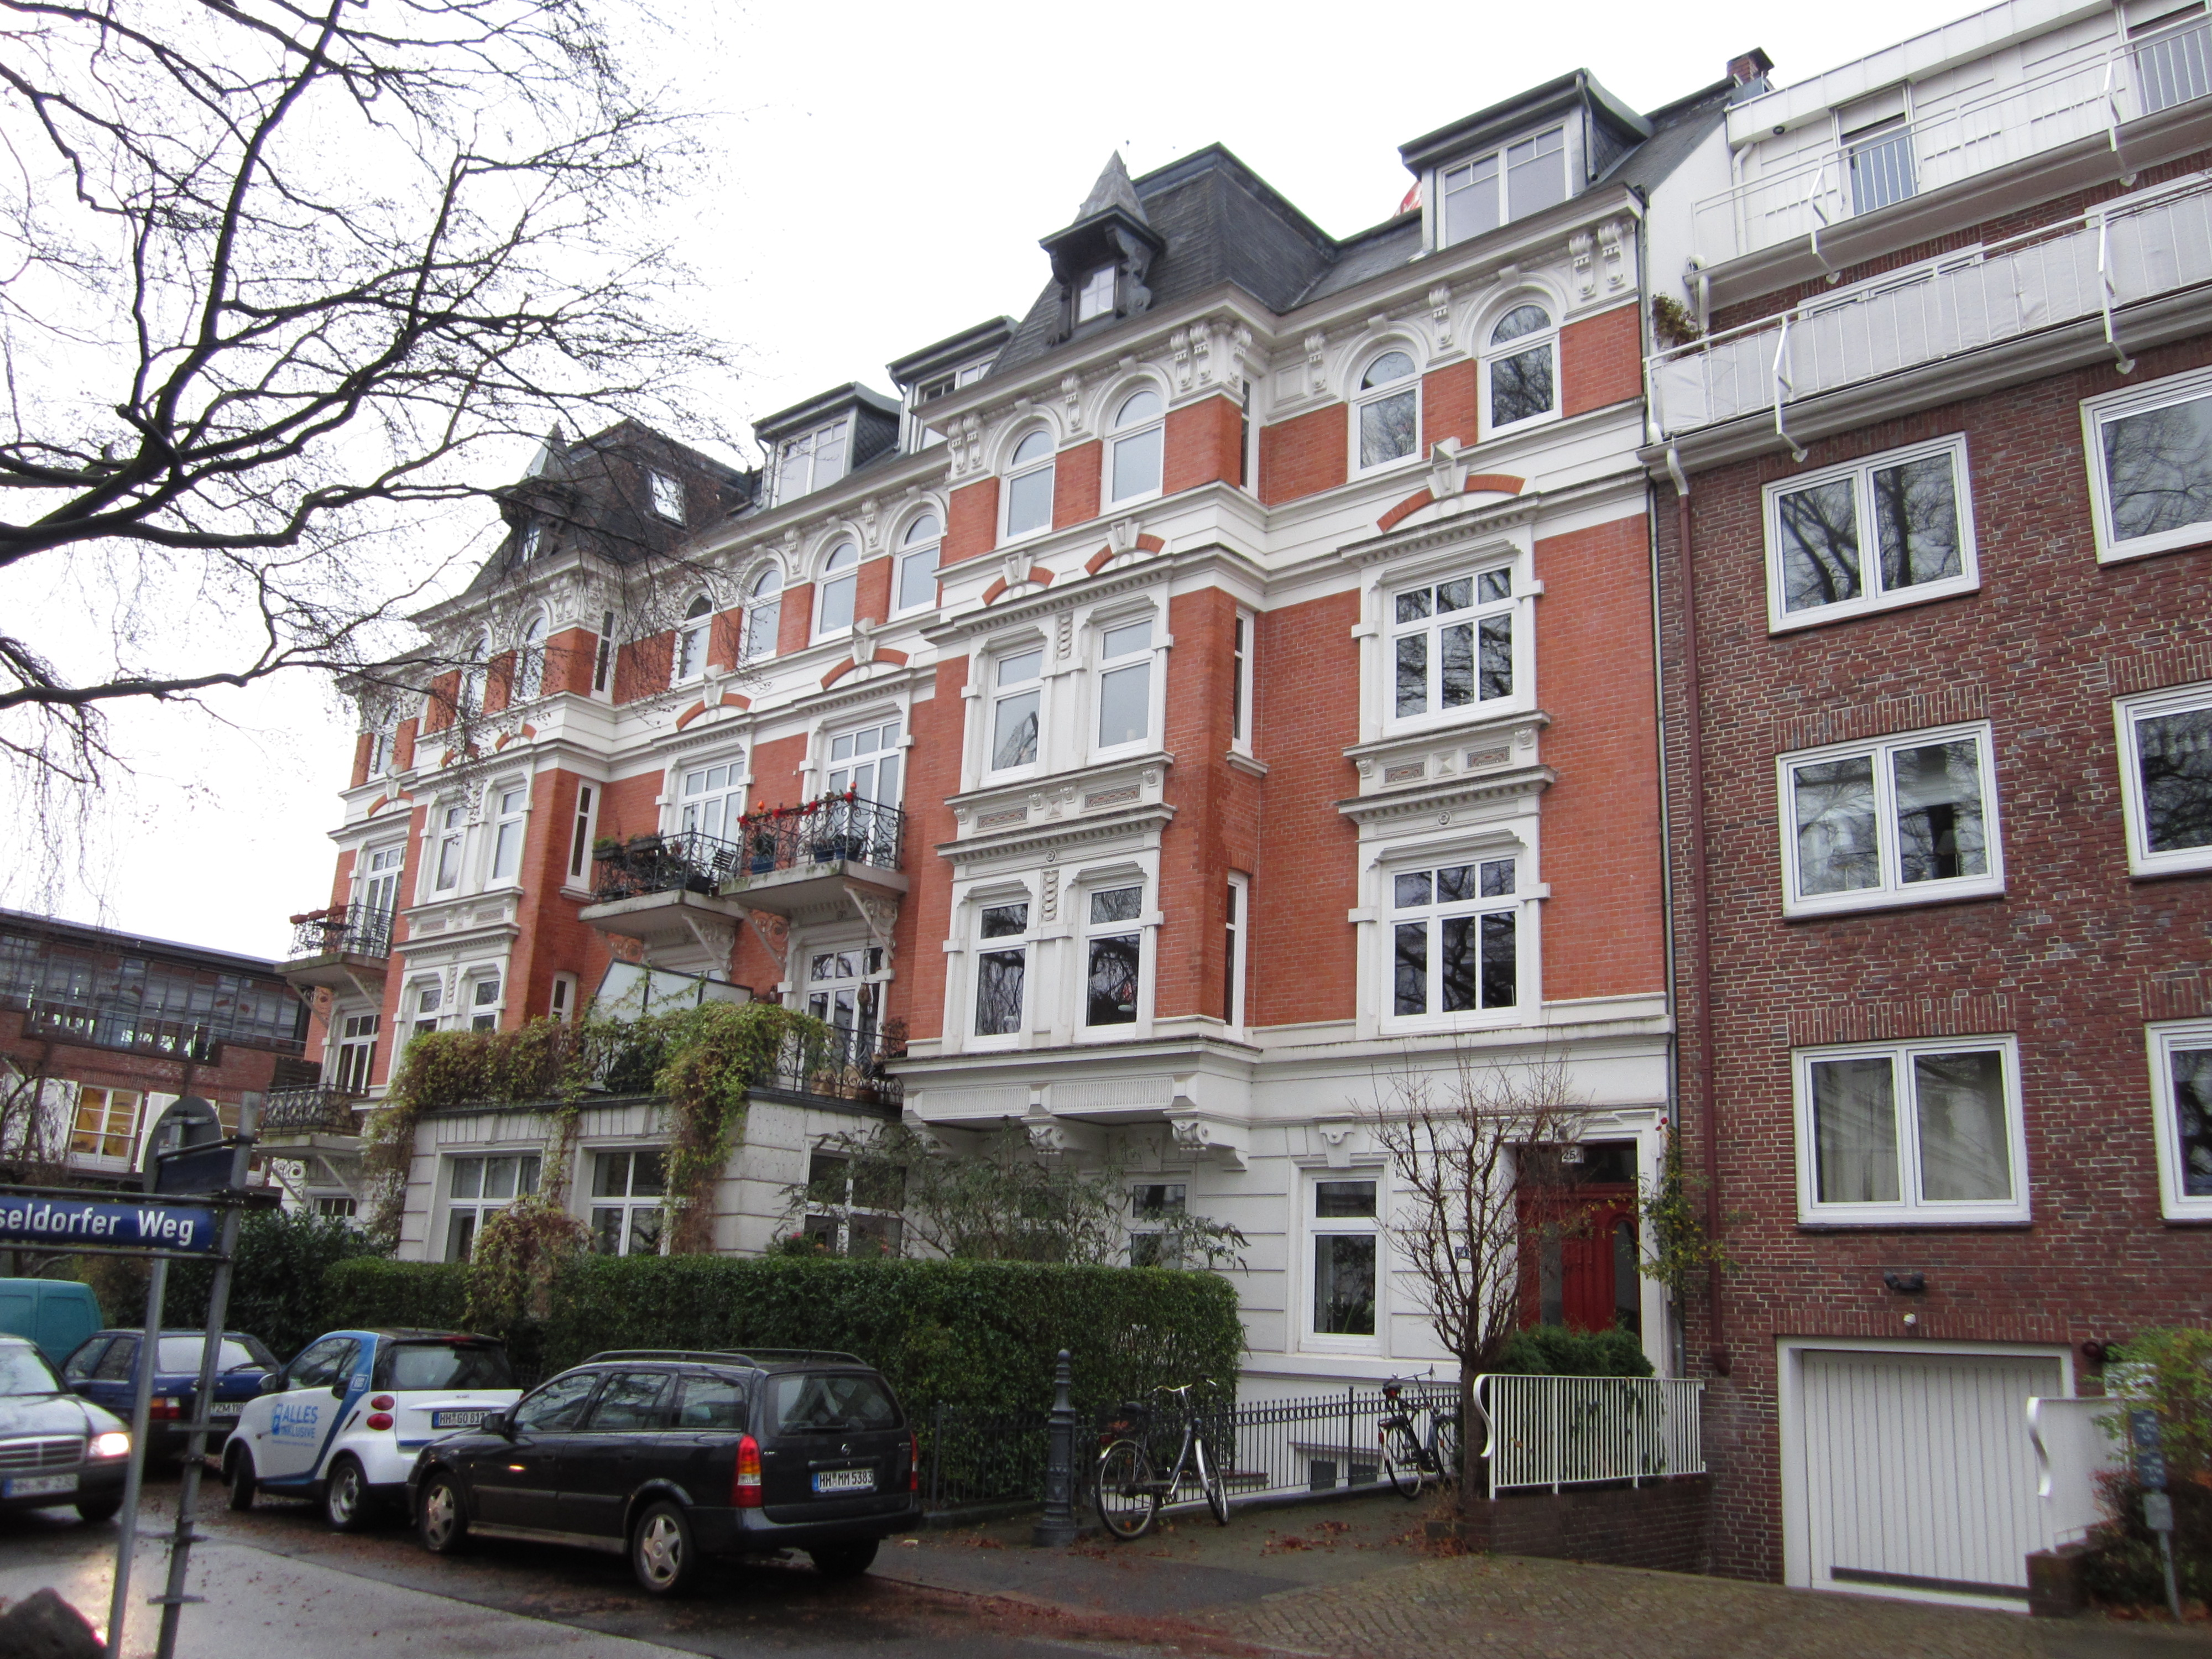 Charmante 3 Zimmer Dachgeschoss-Wohnung mit viel Potential in Traumlage